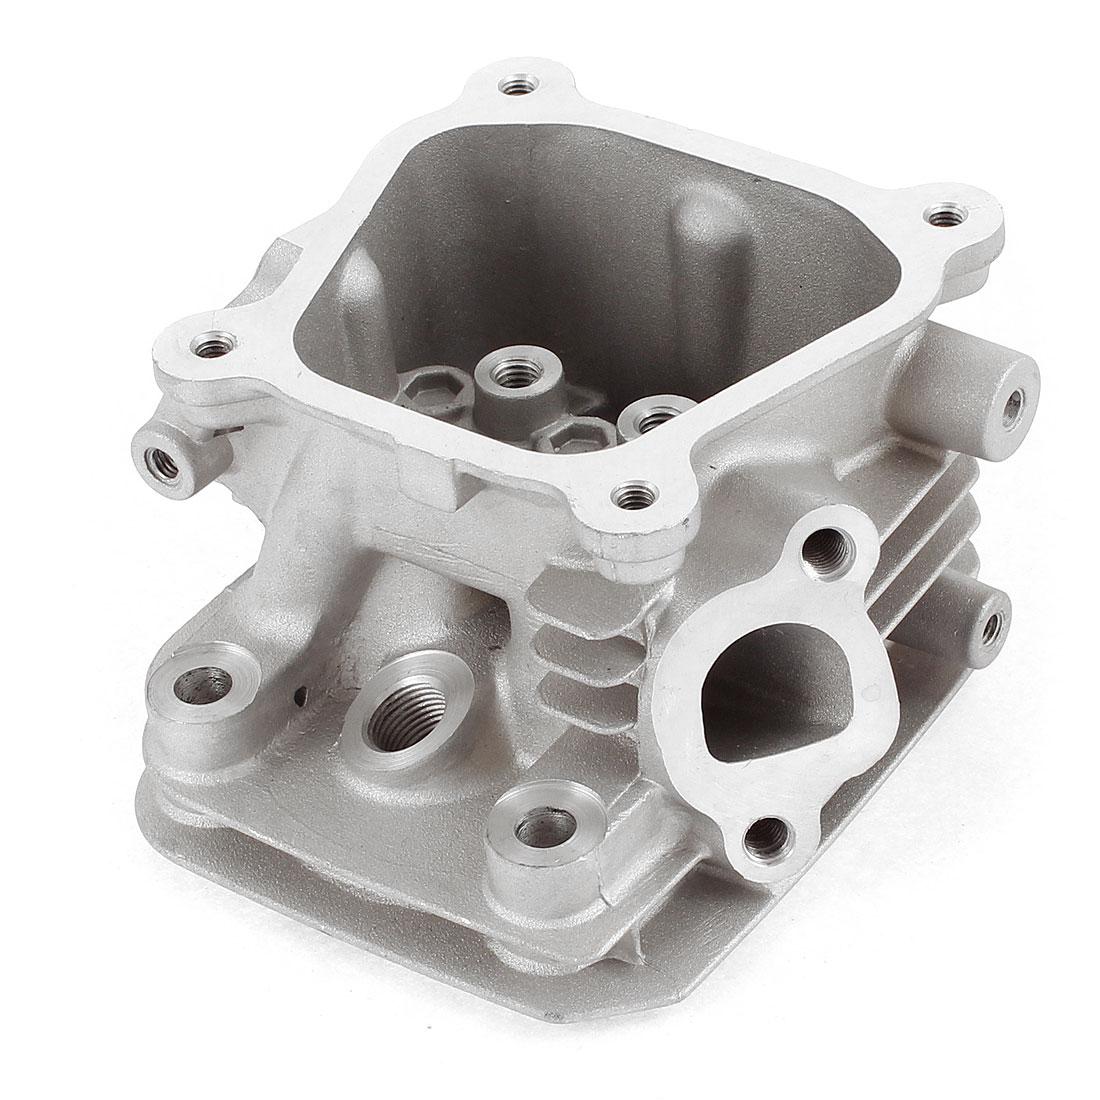 Gasoline Engine Parts Mower Cylinder Head GX160 1P68 1P70